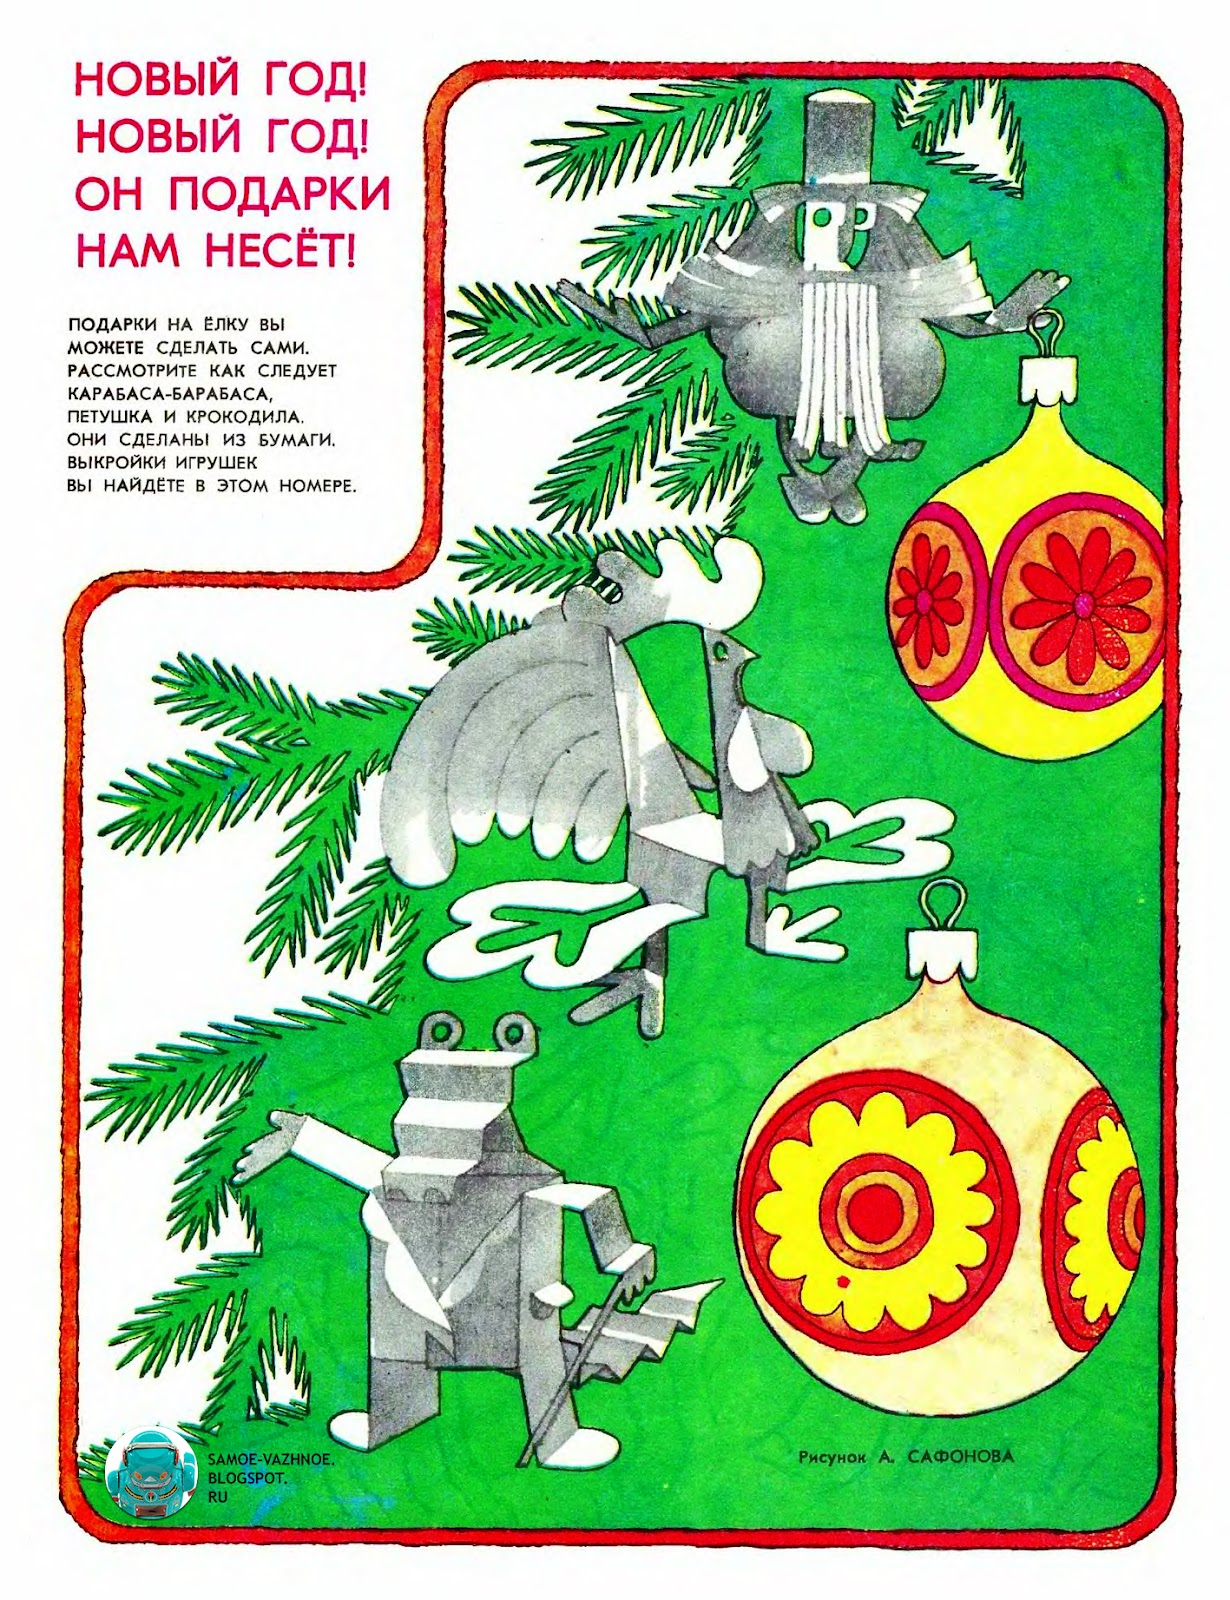 Комод своими руками: пошаговая инструкция от мастеров